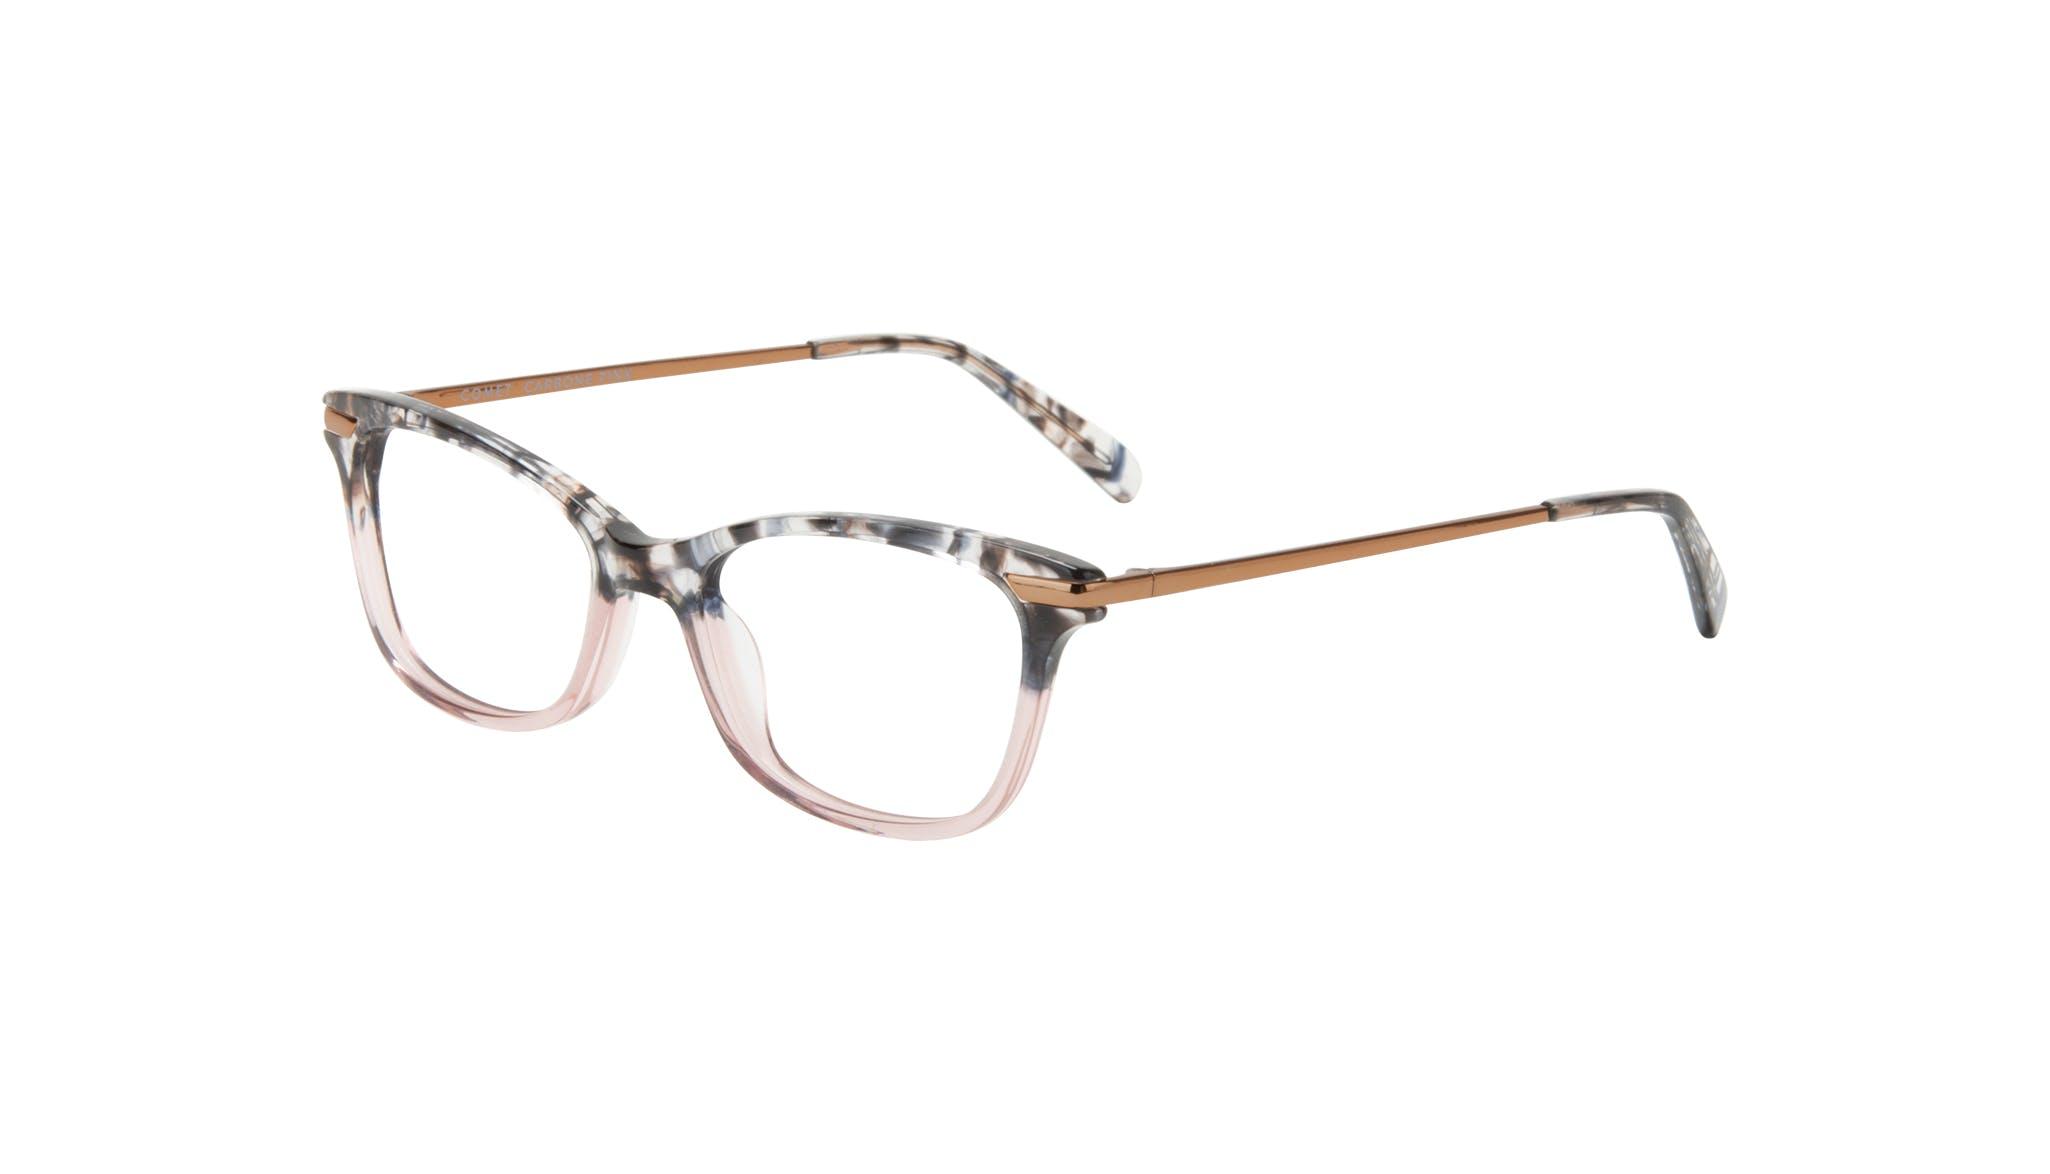 Affordable Fashion Glasses Rectangle Eyeglasses Women Comet II Carbone Pink Tilt